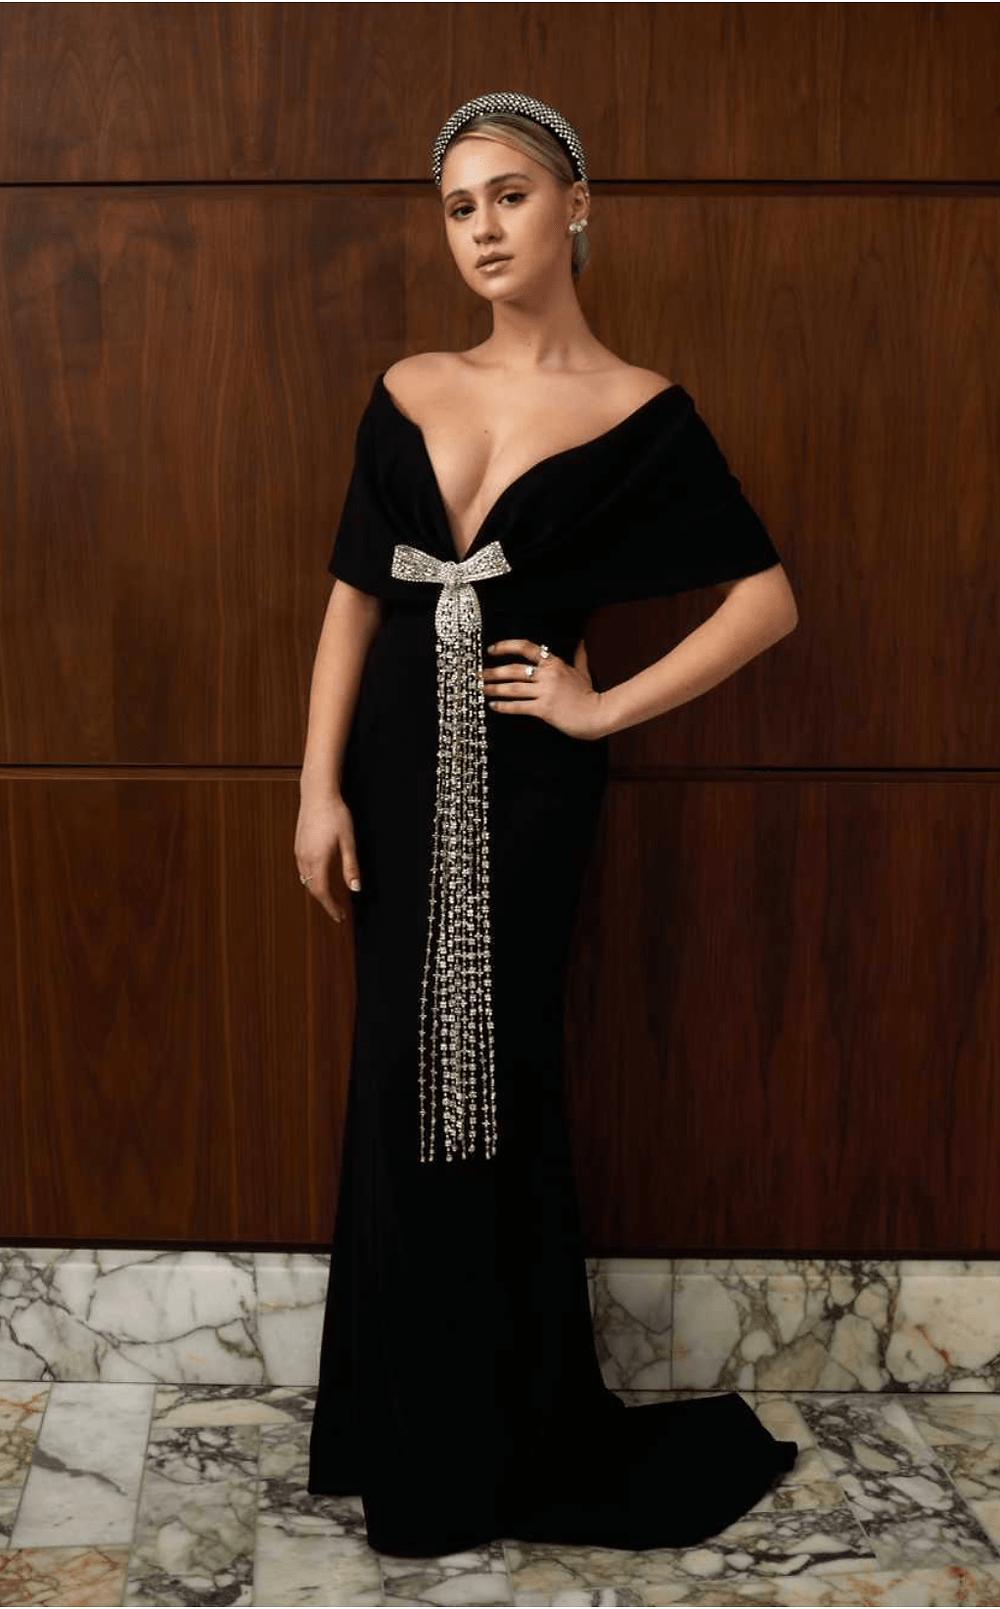 Maria Bakalova 26th critics choice awards